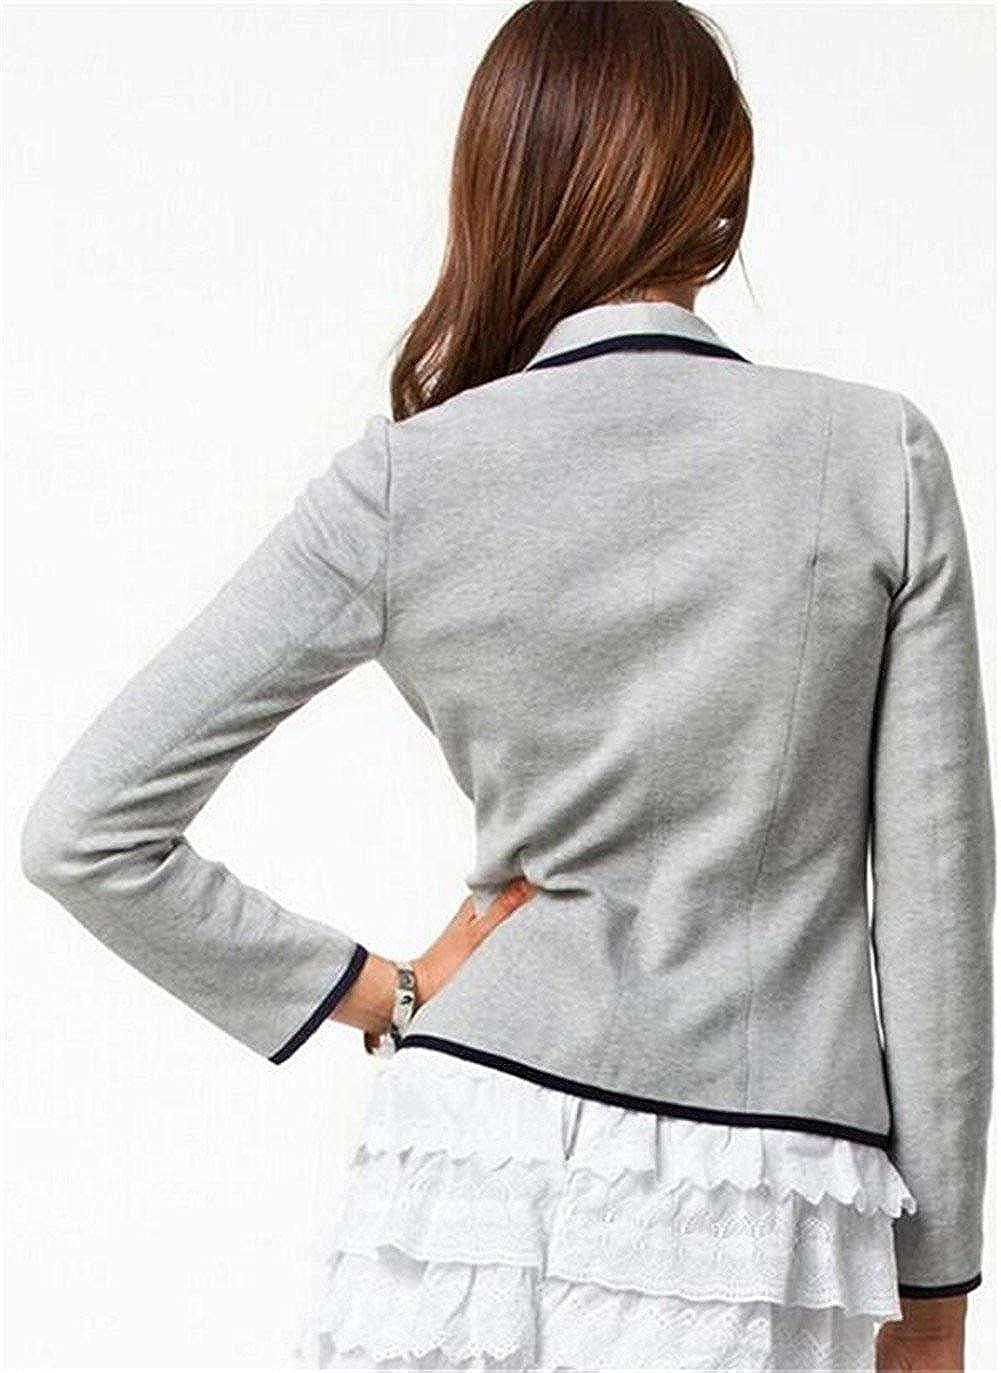 Description du produit. Minetom Femme Élégant Blazer à Manches Longues Slim  Fit OL Bureau Entreprise Veste De Costume Chic Doubles Boutons Basique  Ajusté ... bf0c9742f239